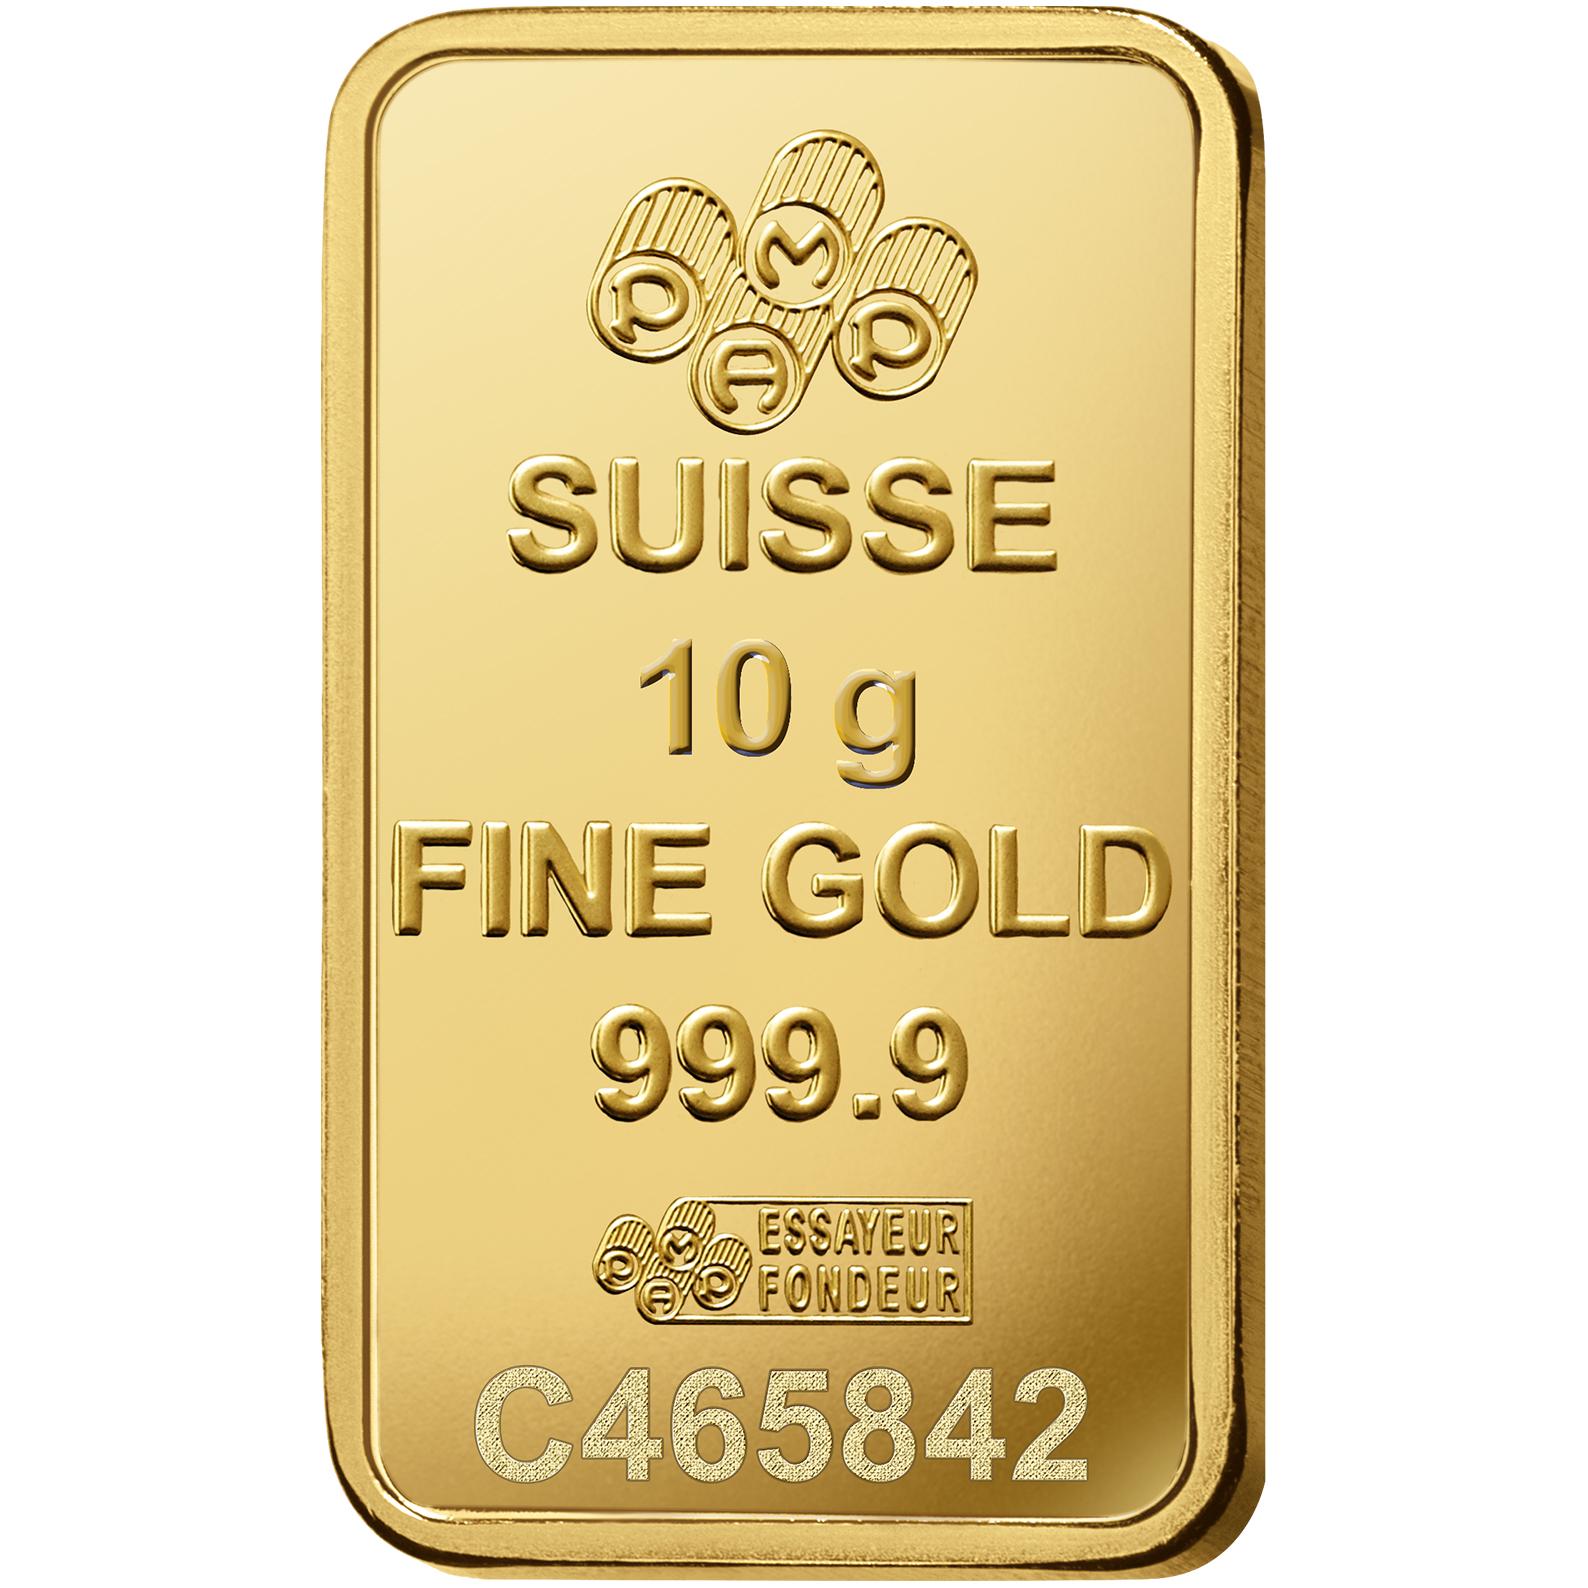 10 gram Fine Gold Bar 999.9 - PAMP Suisse Rosa